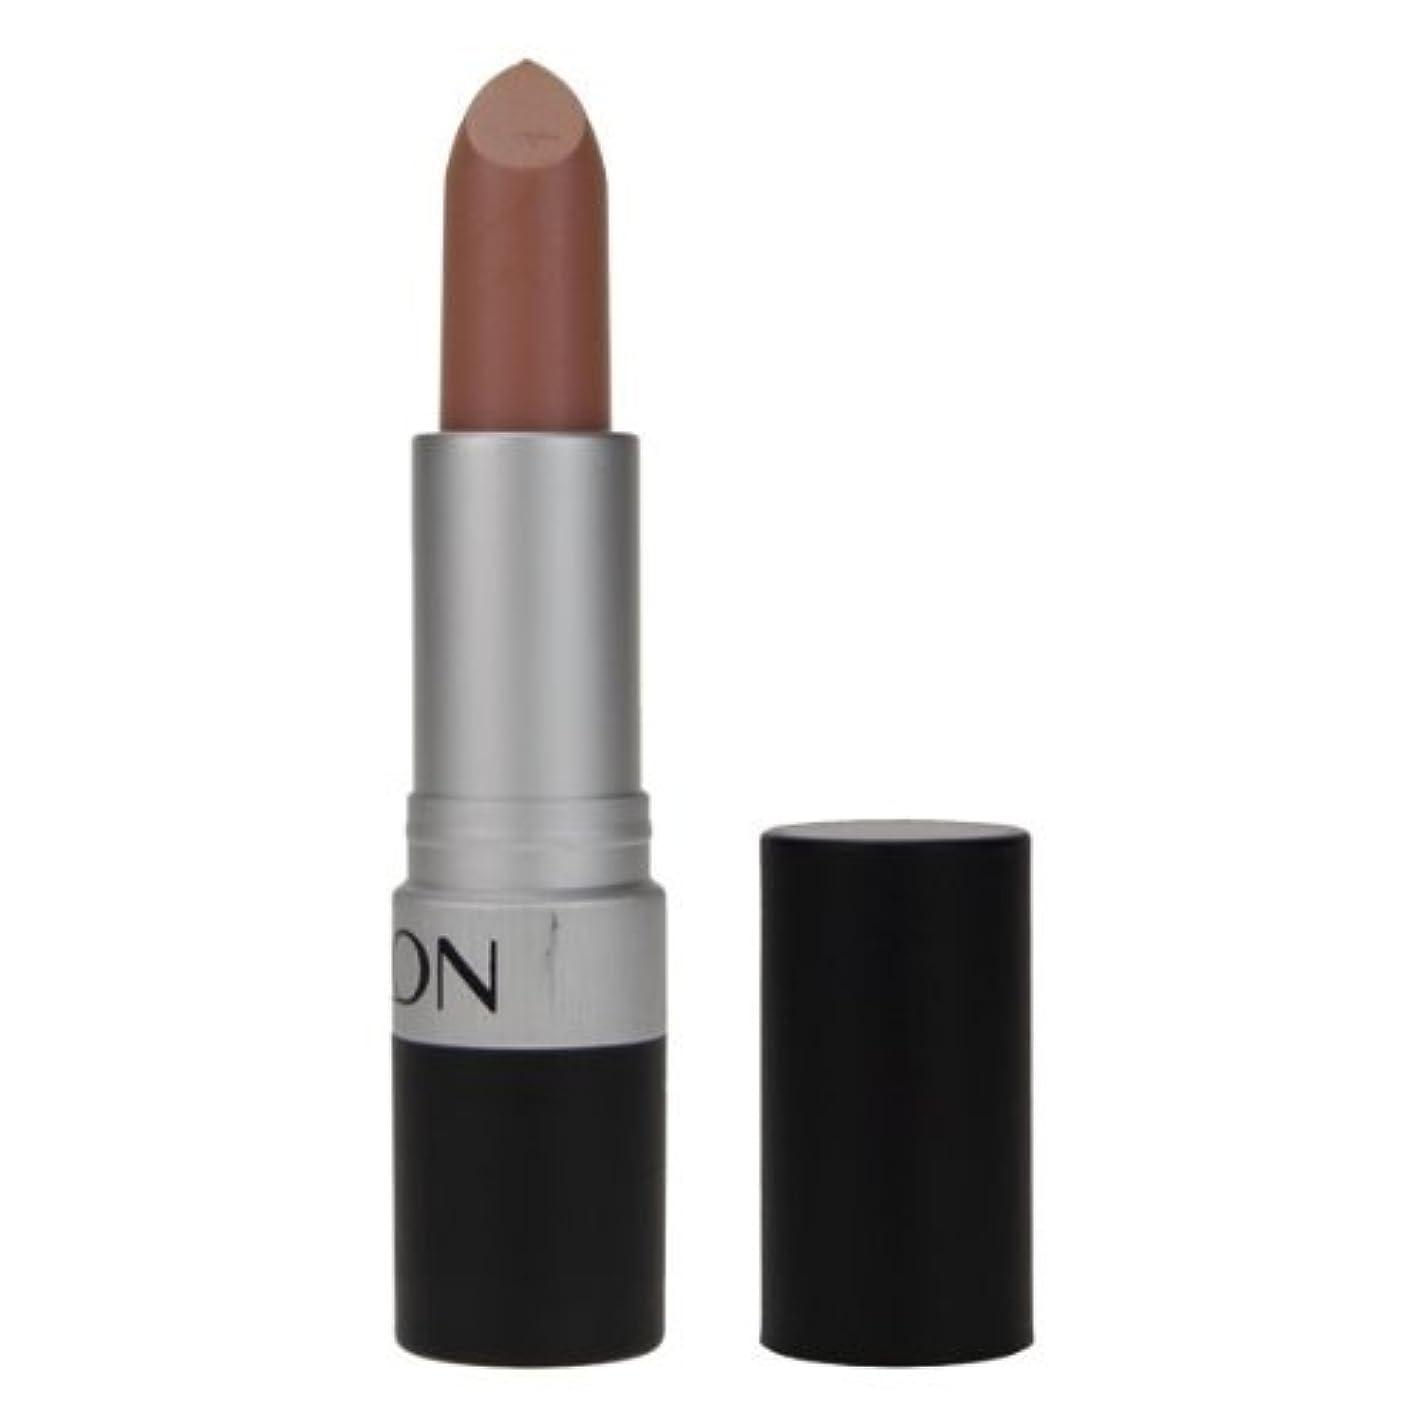 褐色ゴシップ実験的REVLON Super Lustrous Lipstick Matte - Nude Attitude 001 (並行輸入品)